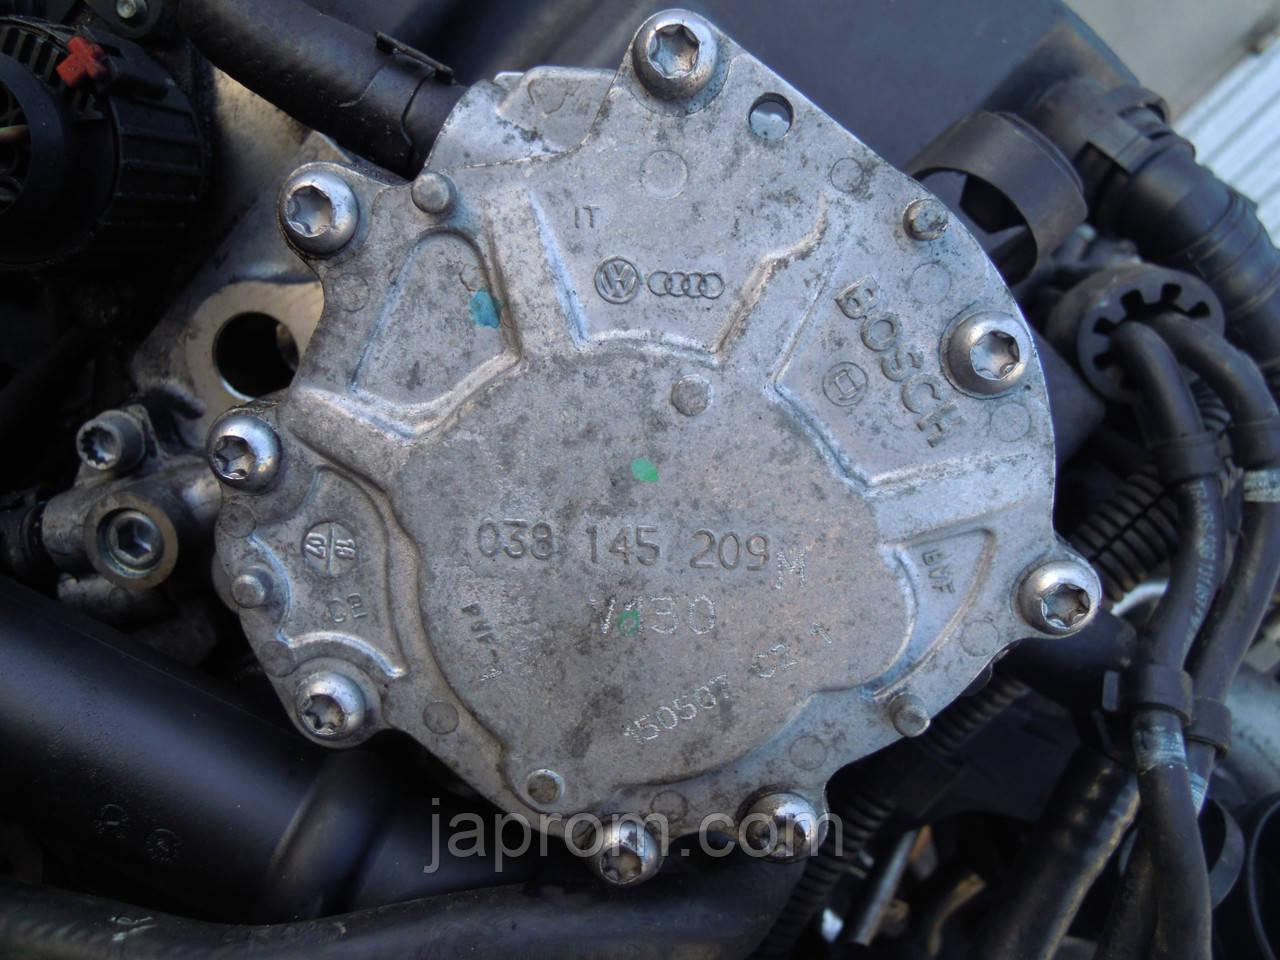 ТНВД Топливный насос высокого давления Volkswagen Passat B6 1.9TDI 2005-2010г.в.